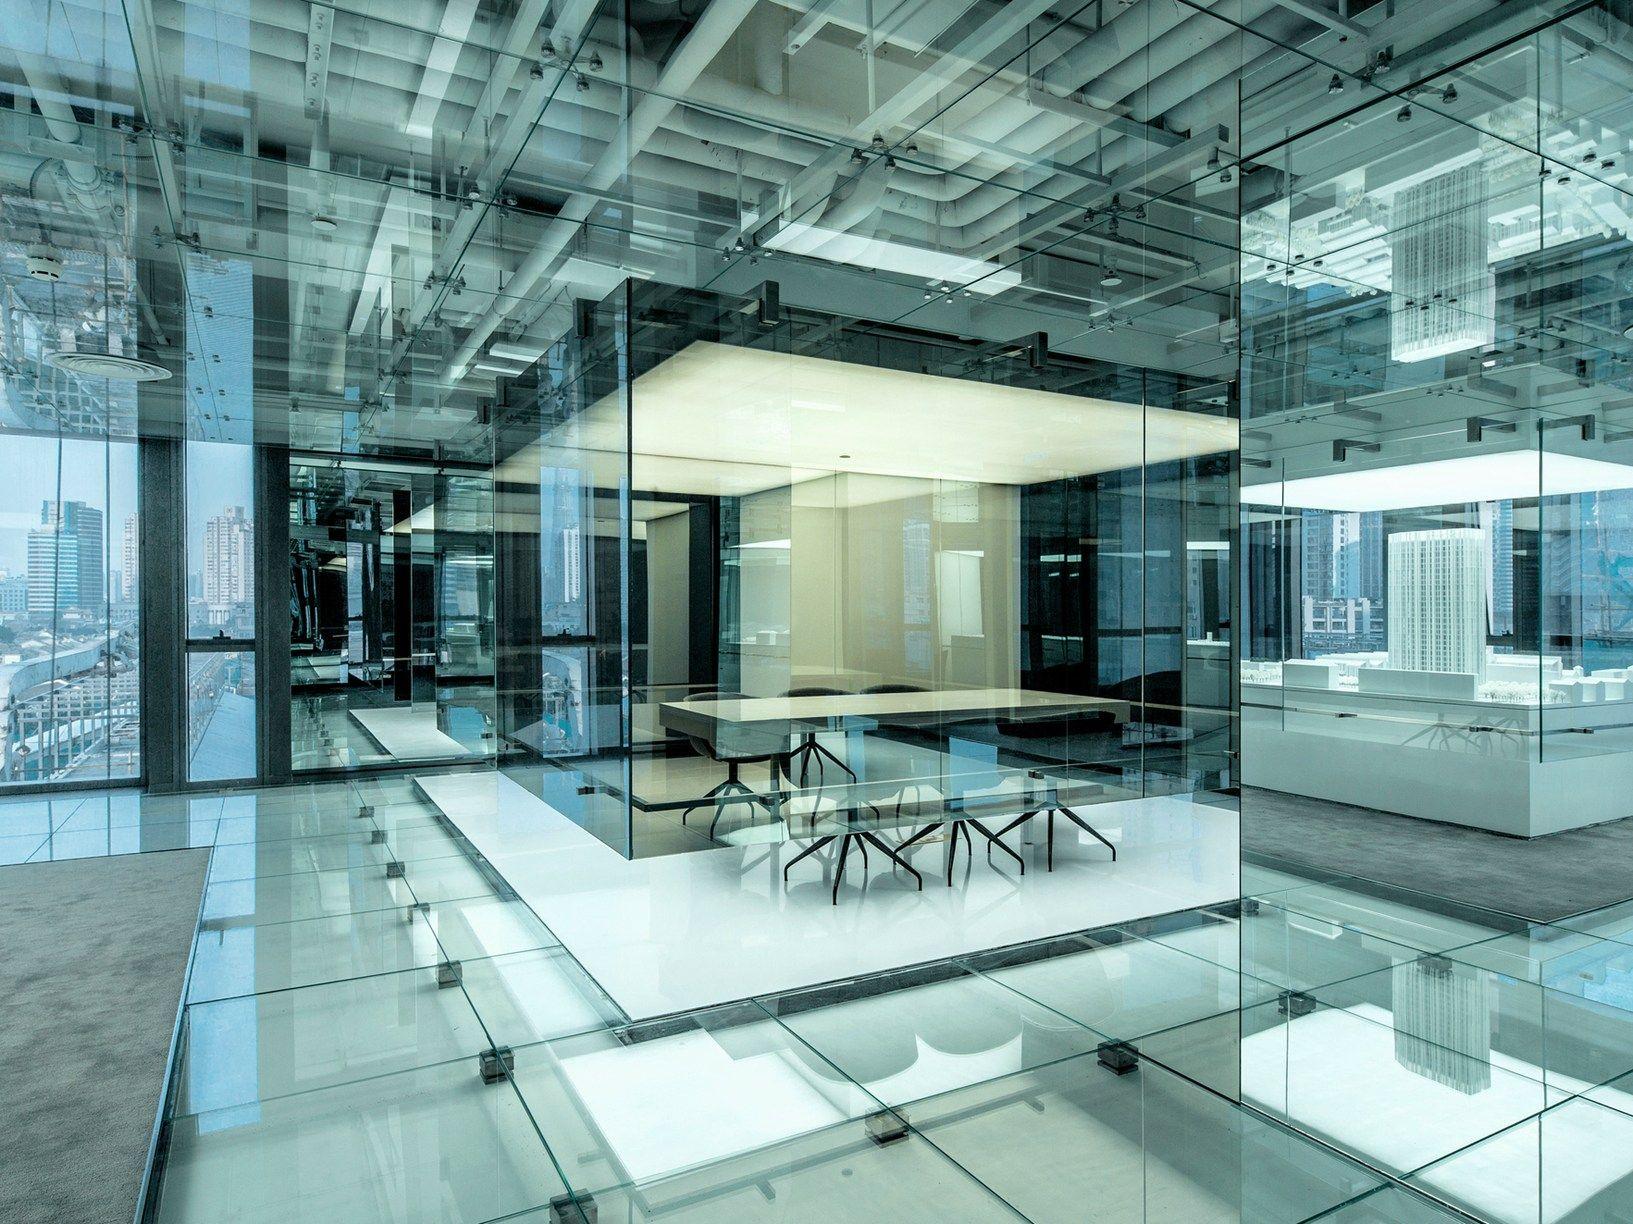 Dissolving barriers: in architettura non tutto È come sembra